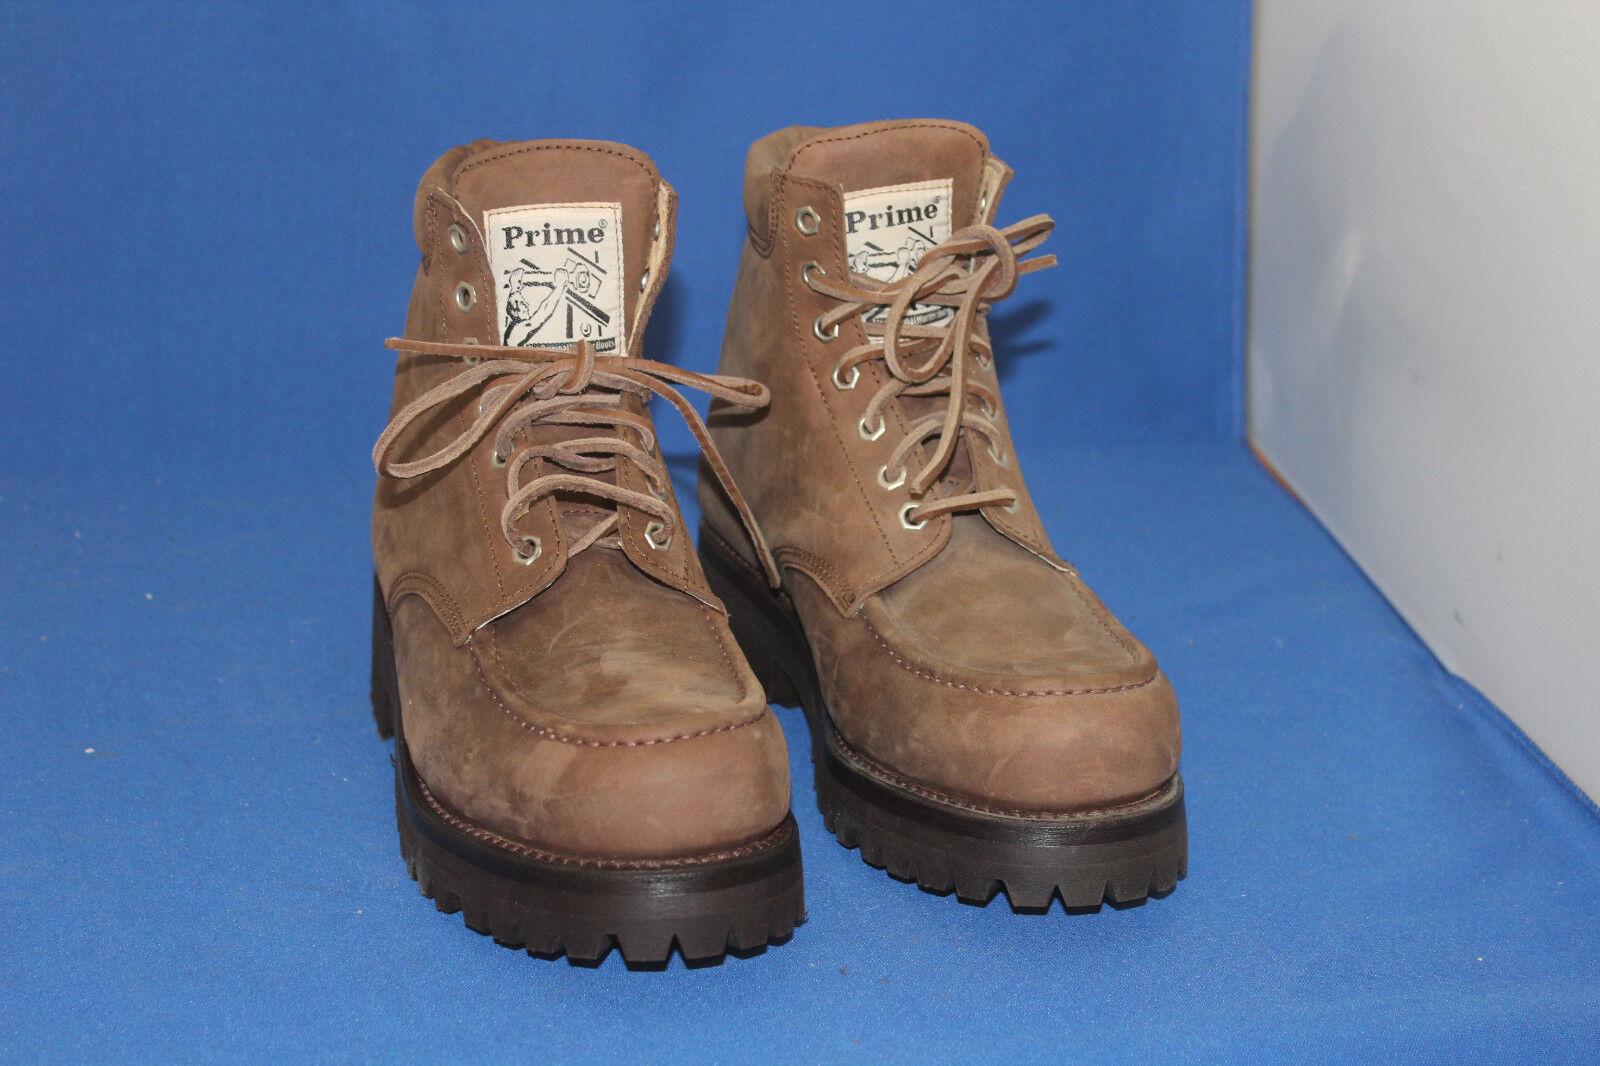 Prime Boots logger  worker stiefel  outdoor boots  gr. 46  leder